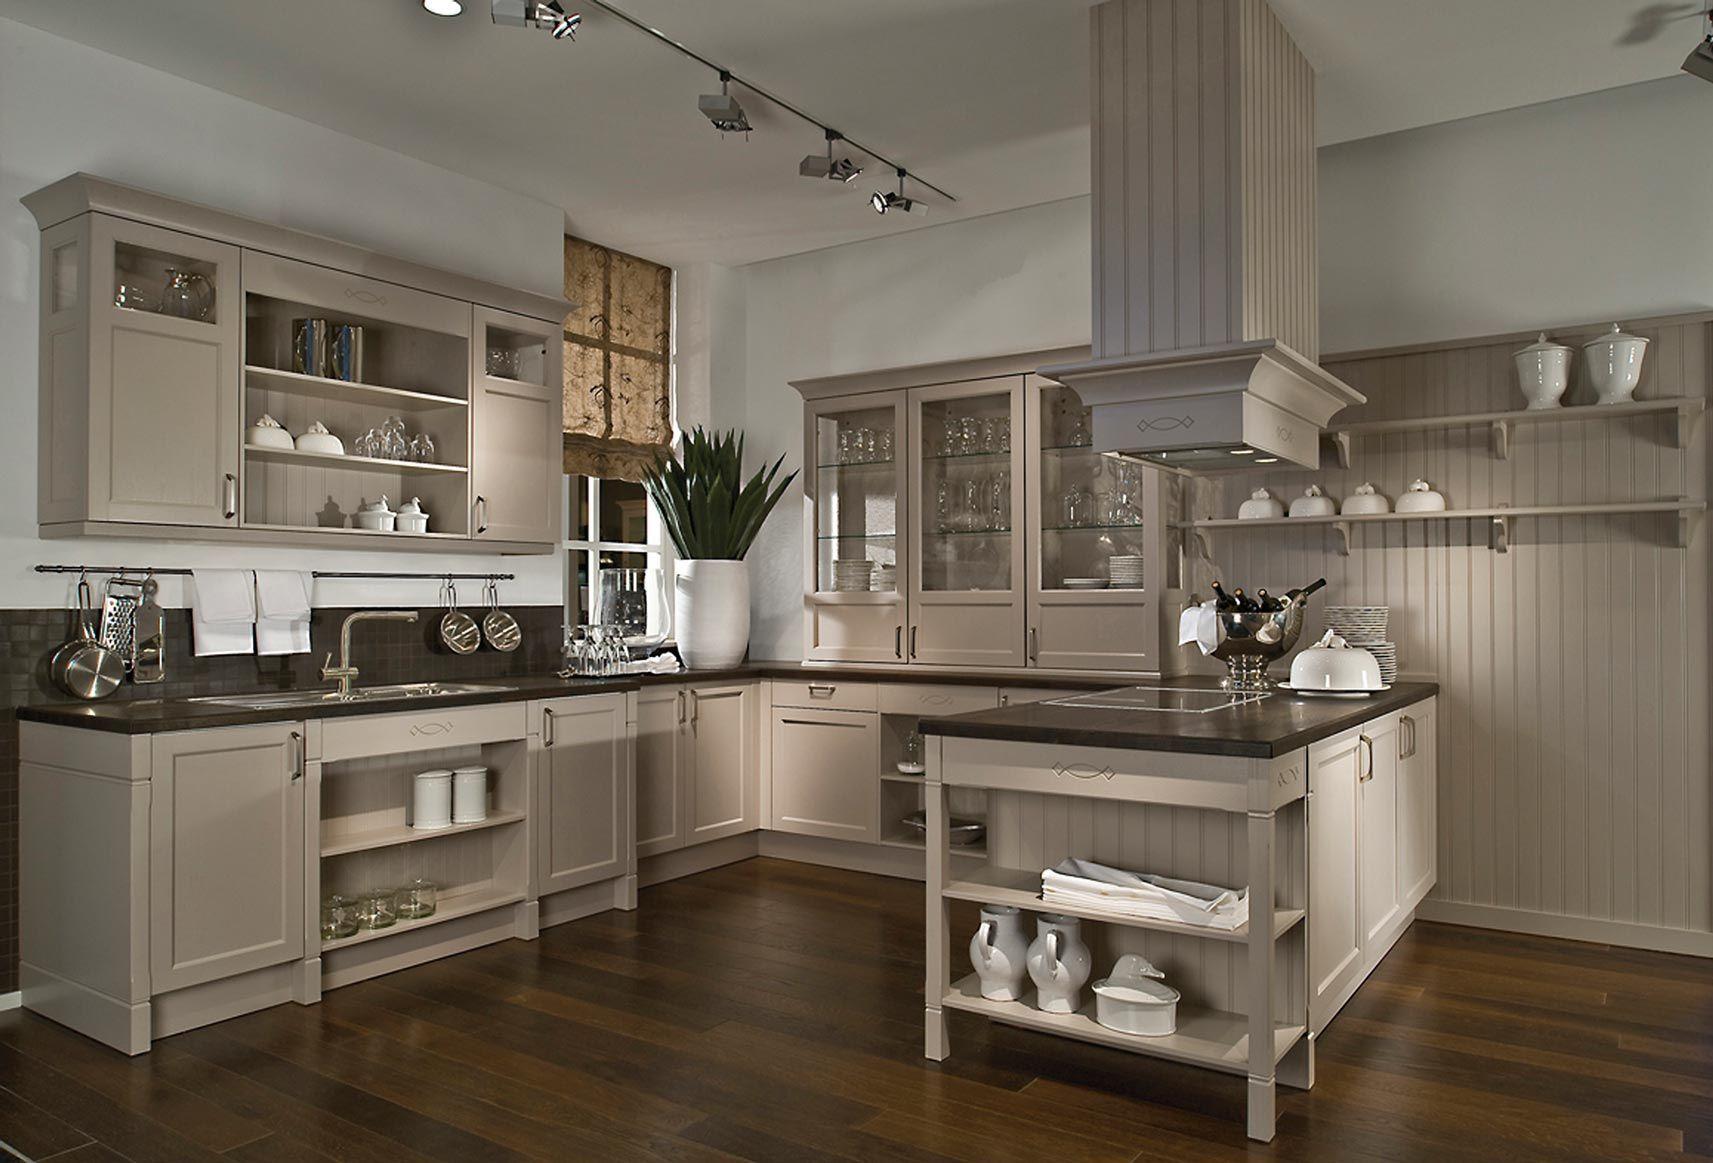 www.caseo-maison.com sites default files items cuisine-cottage-grise ...